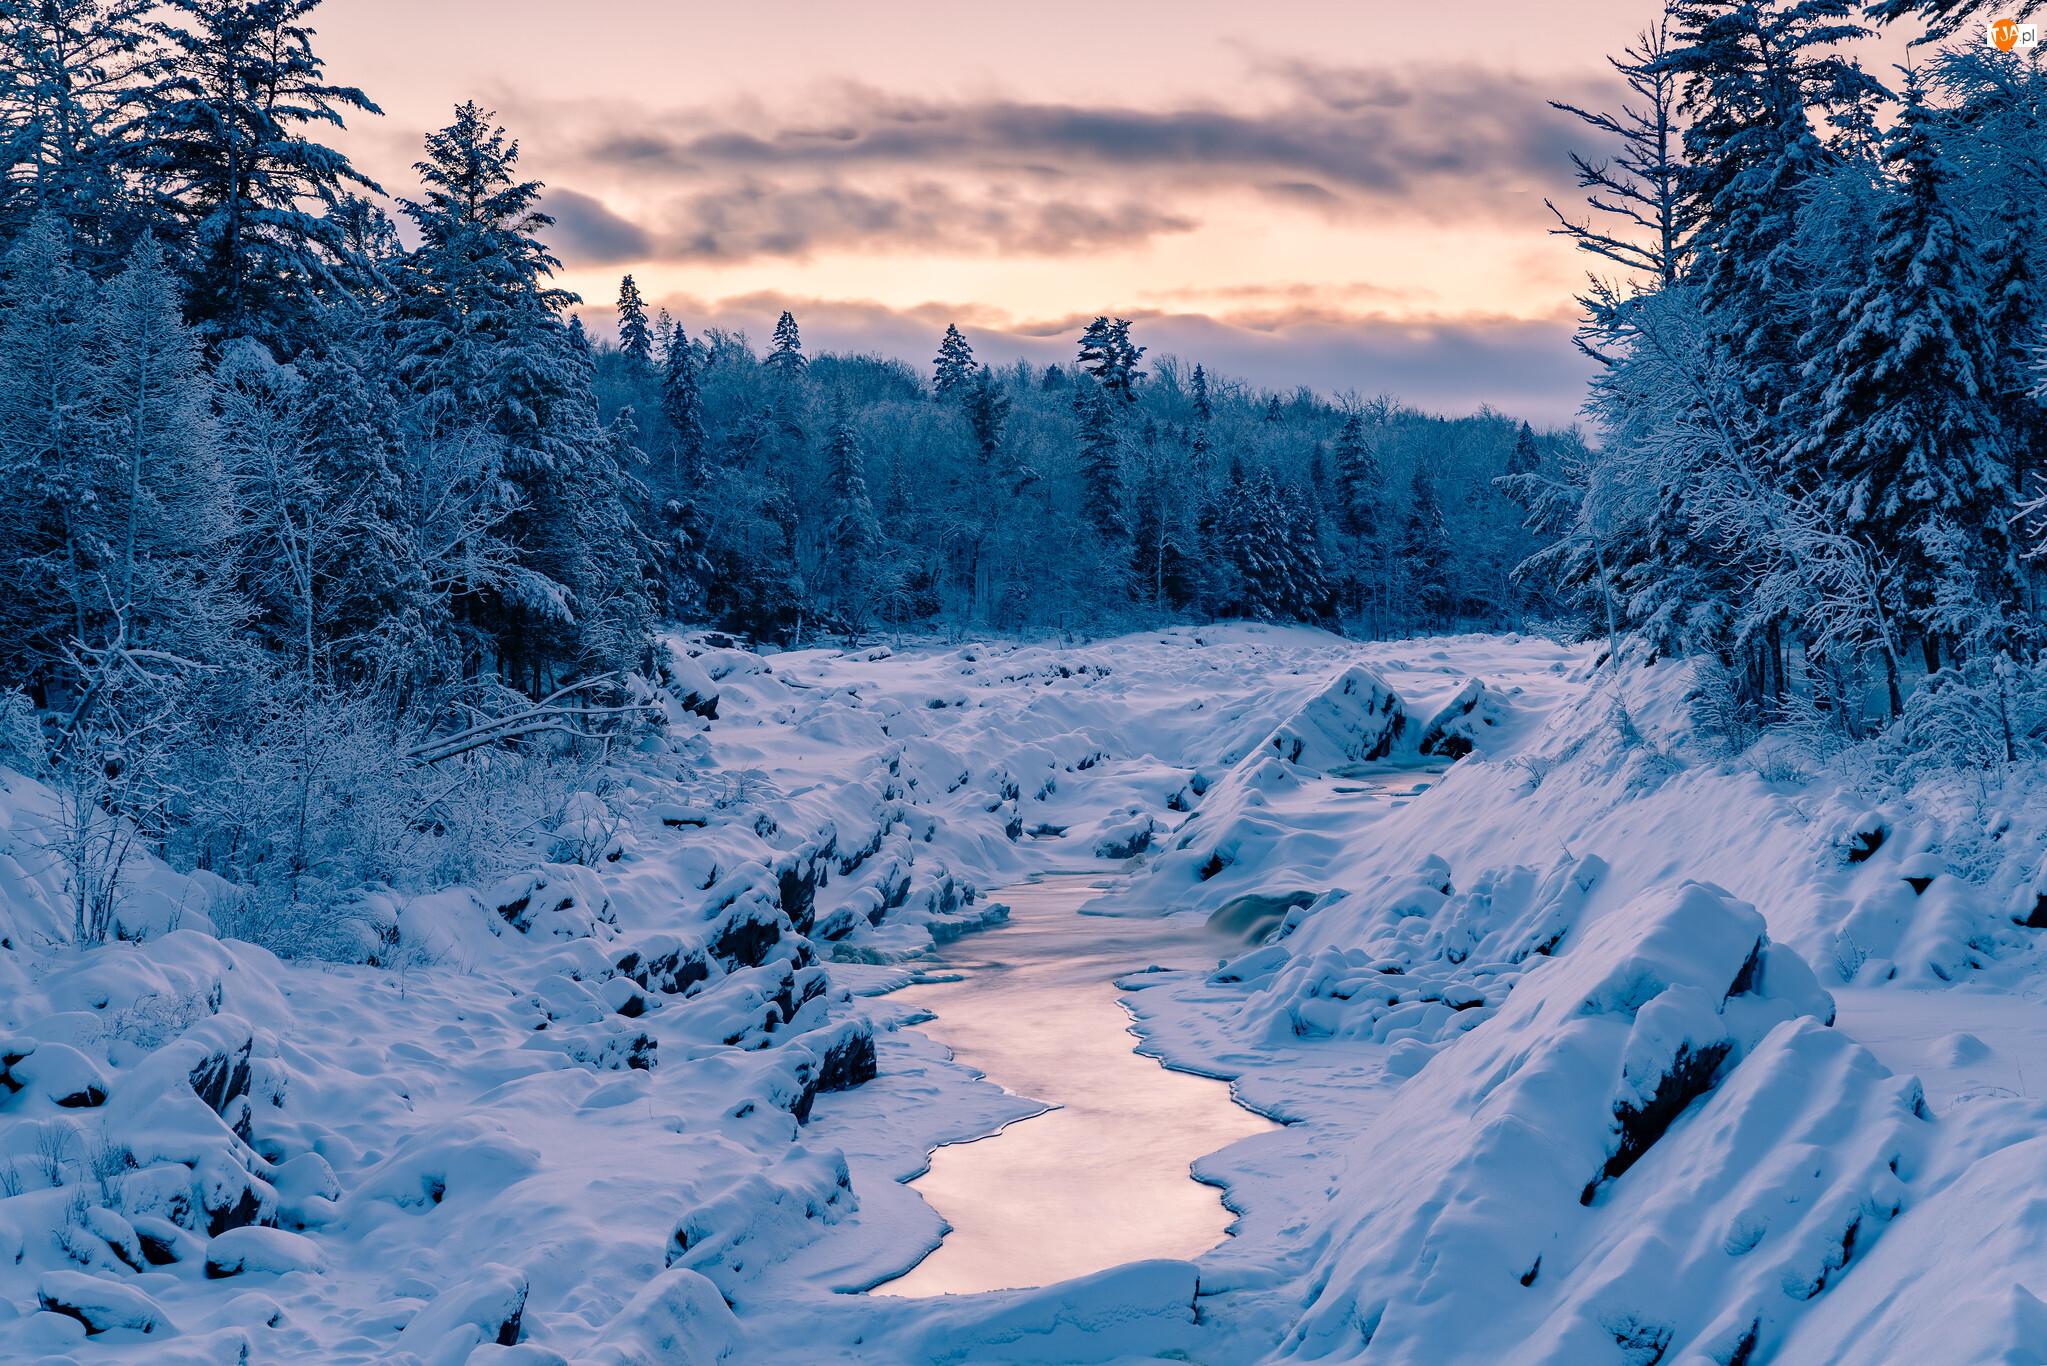 Las, Zima, Ośnieżone, Chmury, Rzeka, Drzewa